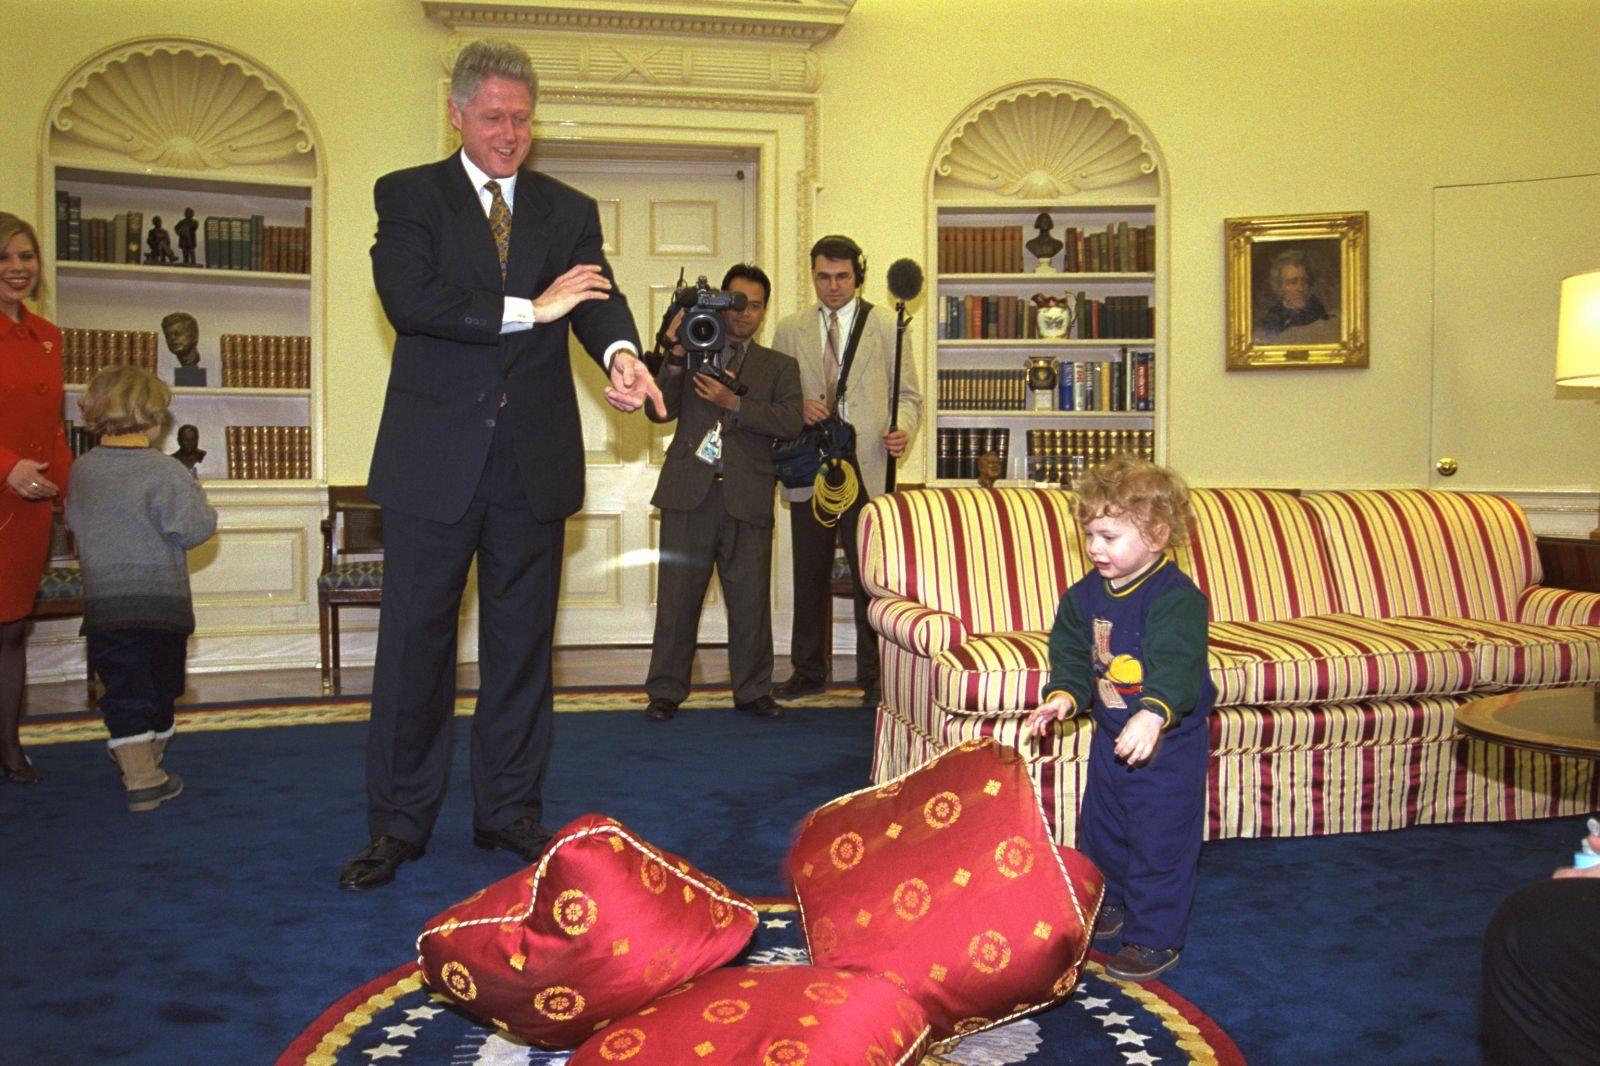 """נשיא ארצות-הברית ביל קלינטון משתעשע עם בניו של ראש הממשלה הישראלי נתניהו. הבית-הלבן, 14.2.97 (צילום: משה מילנר, לע""""מ)"""